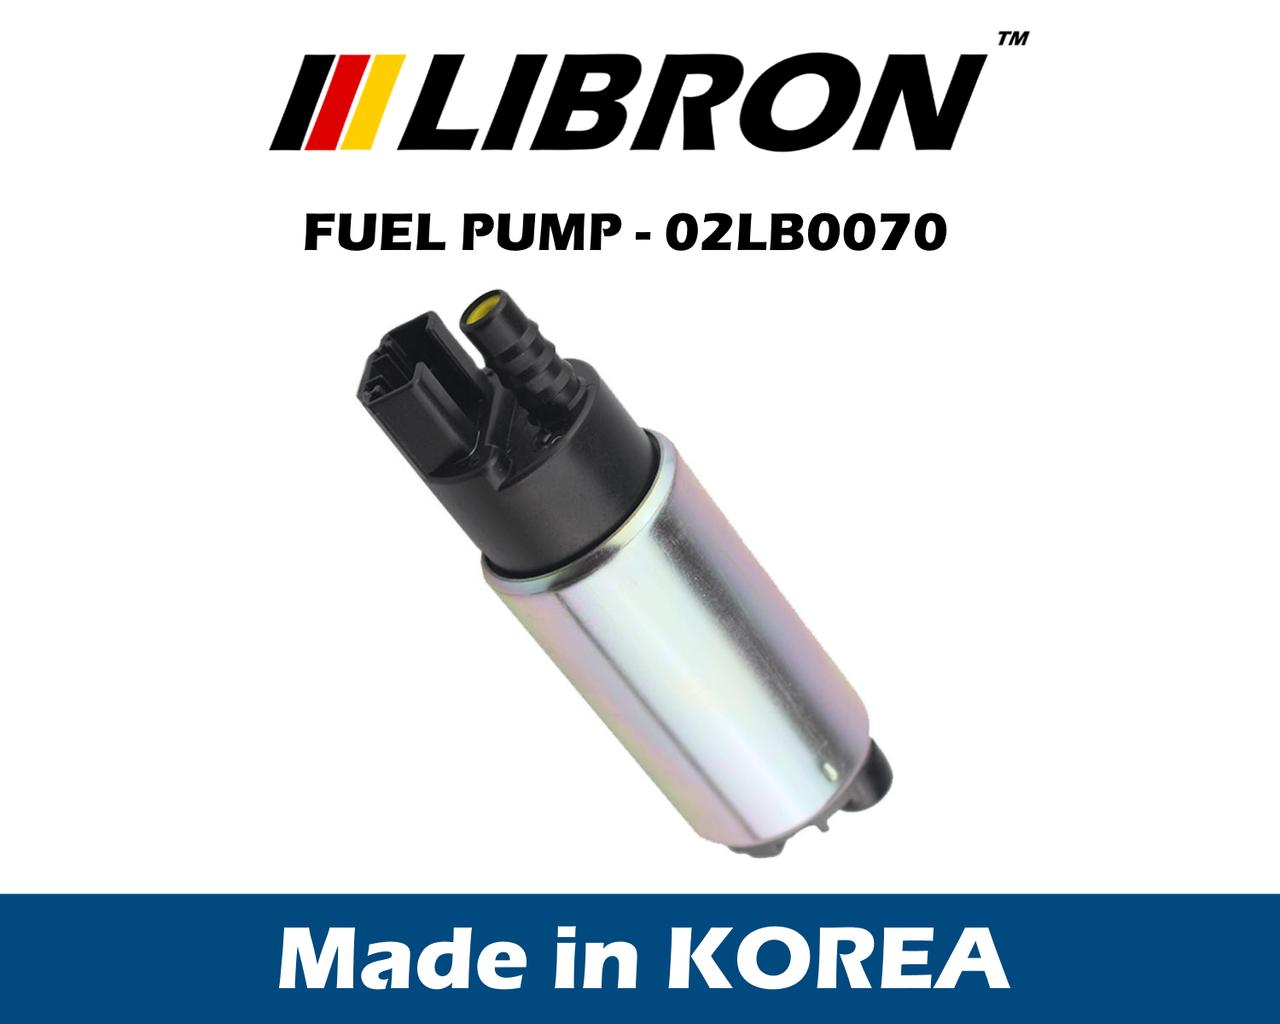 Топливный насос LIBRON 02LB0070 - MAZDA 626 IV (GE) (1992-1997)